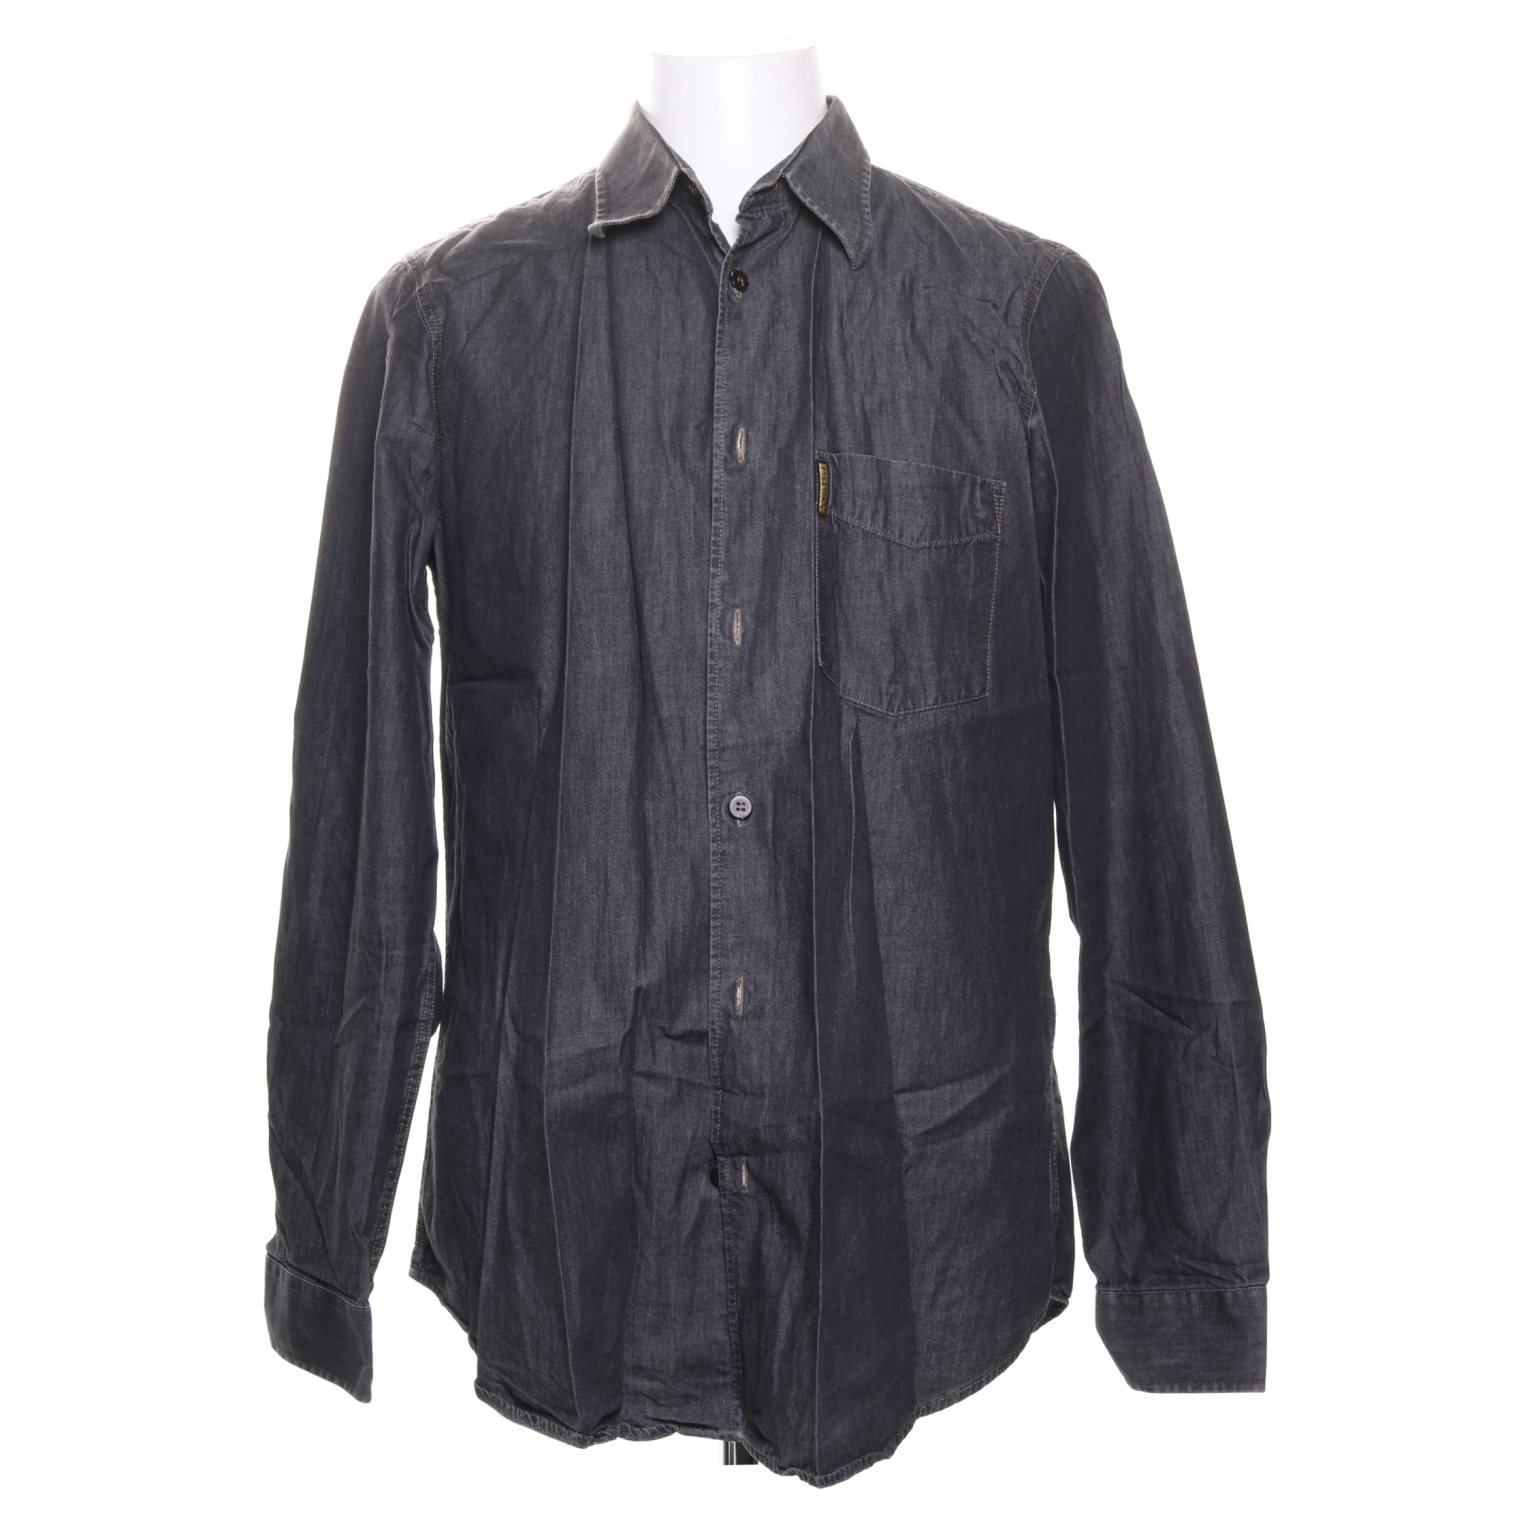 Armani Jeans, Skjorta, Strl: XL, Grå